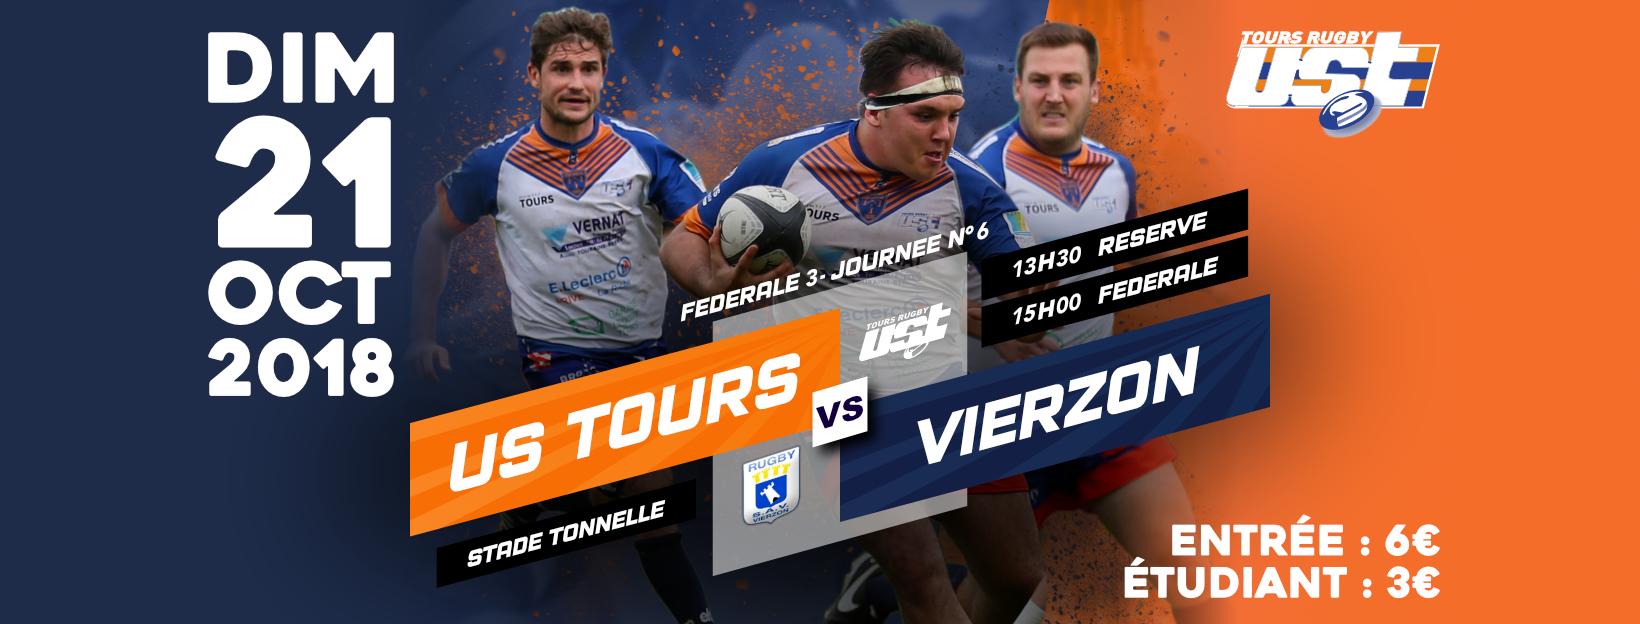 Dimanche 21 octobre : match Tours vs Vierzon